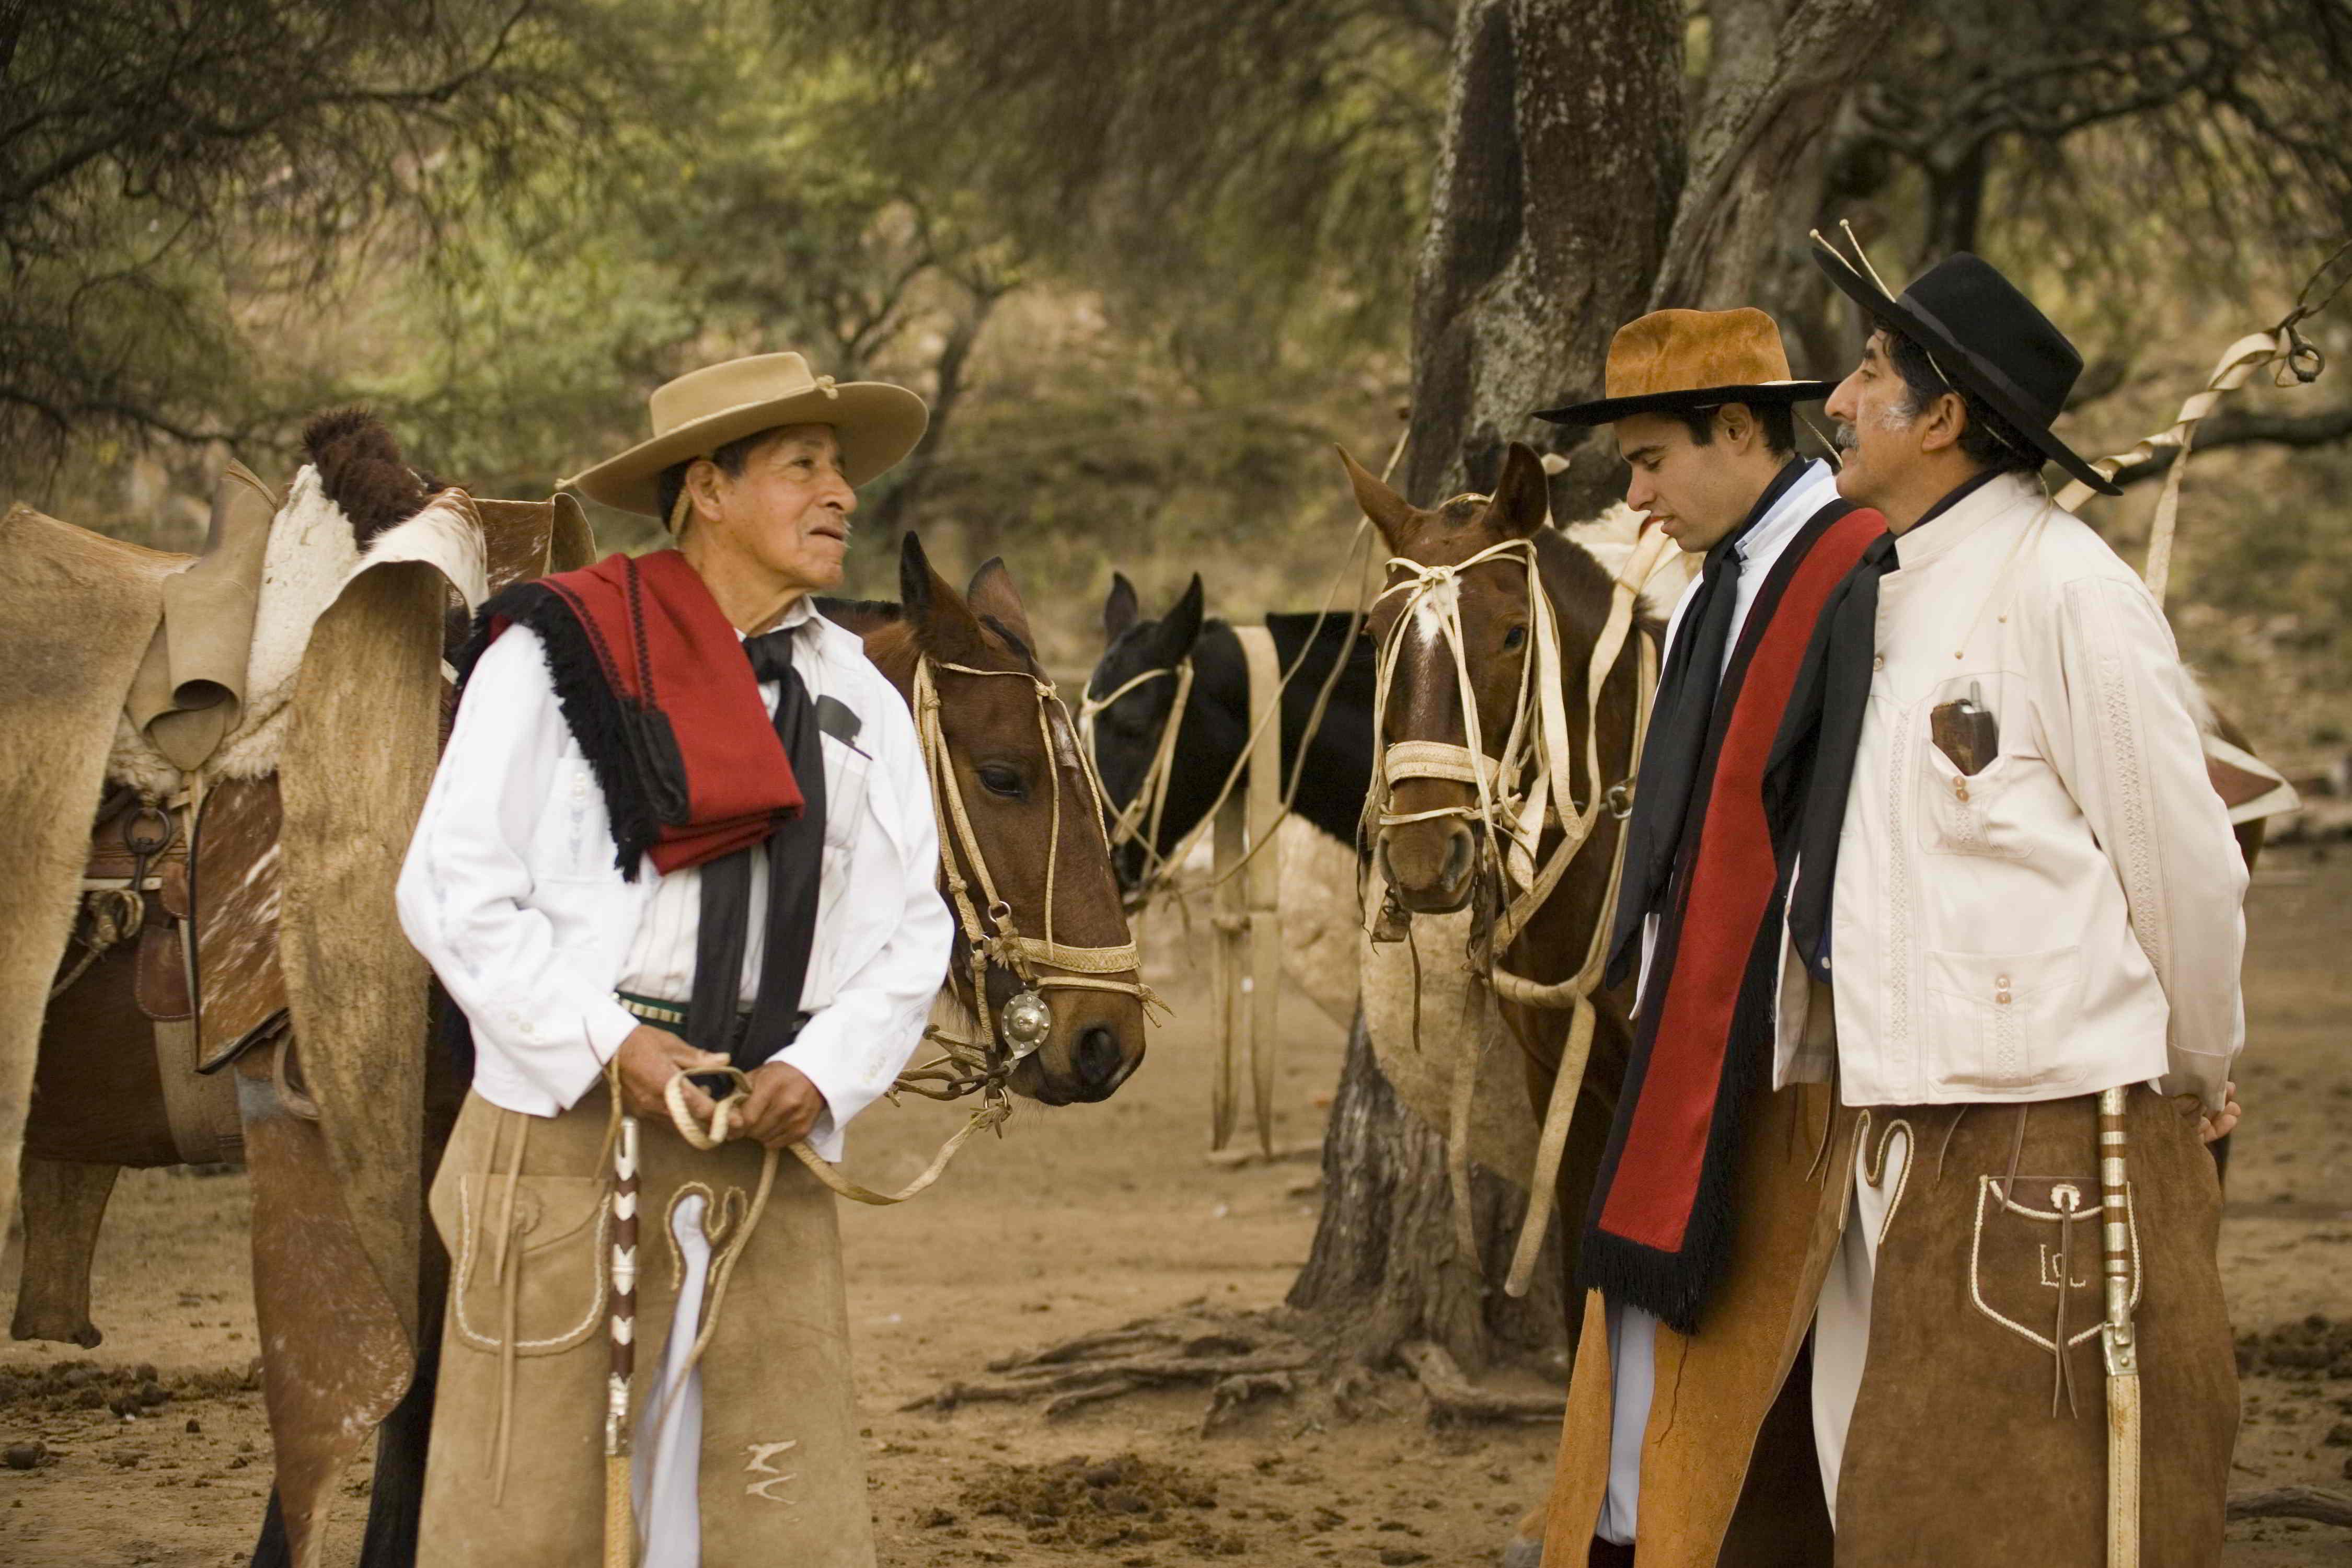 Bij uw rondreis door Argentinië komt u misschien wel Gaucho's tegen. Dit zijn de oorspronkelijke Argentijnse cowboys.